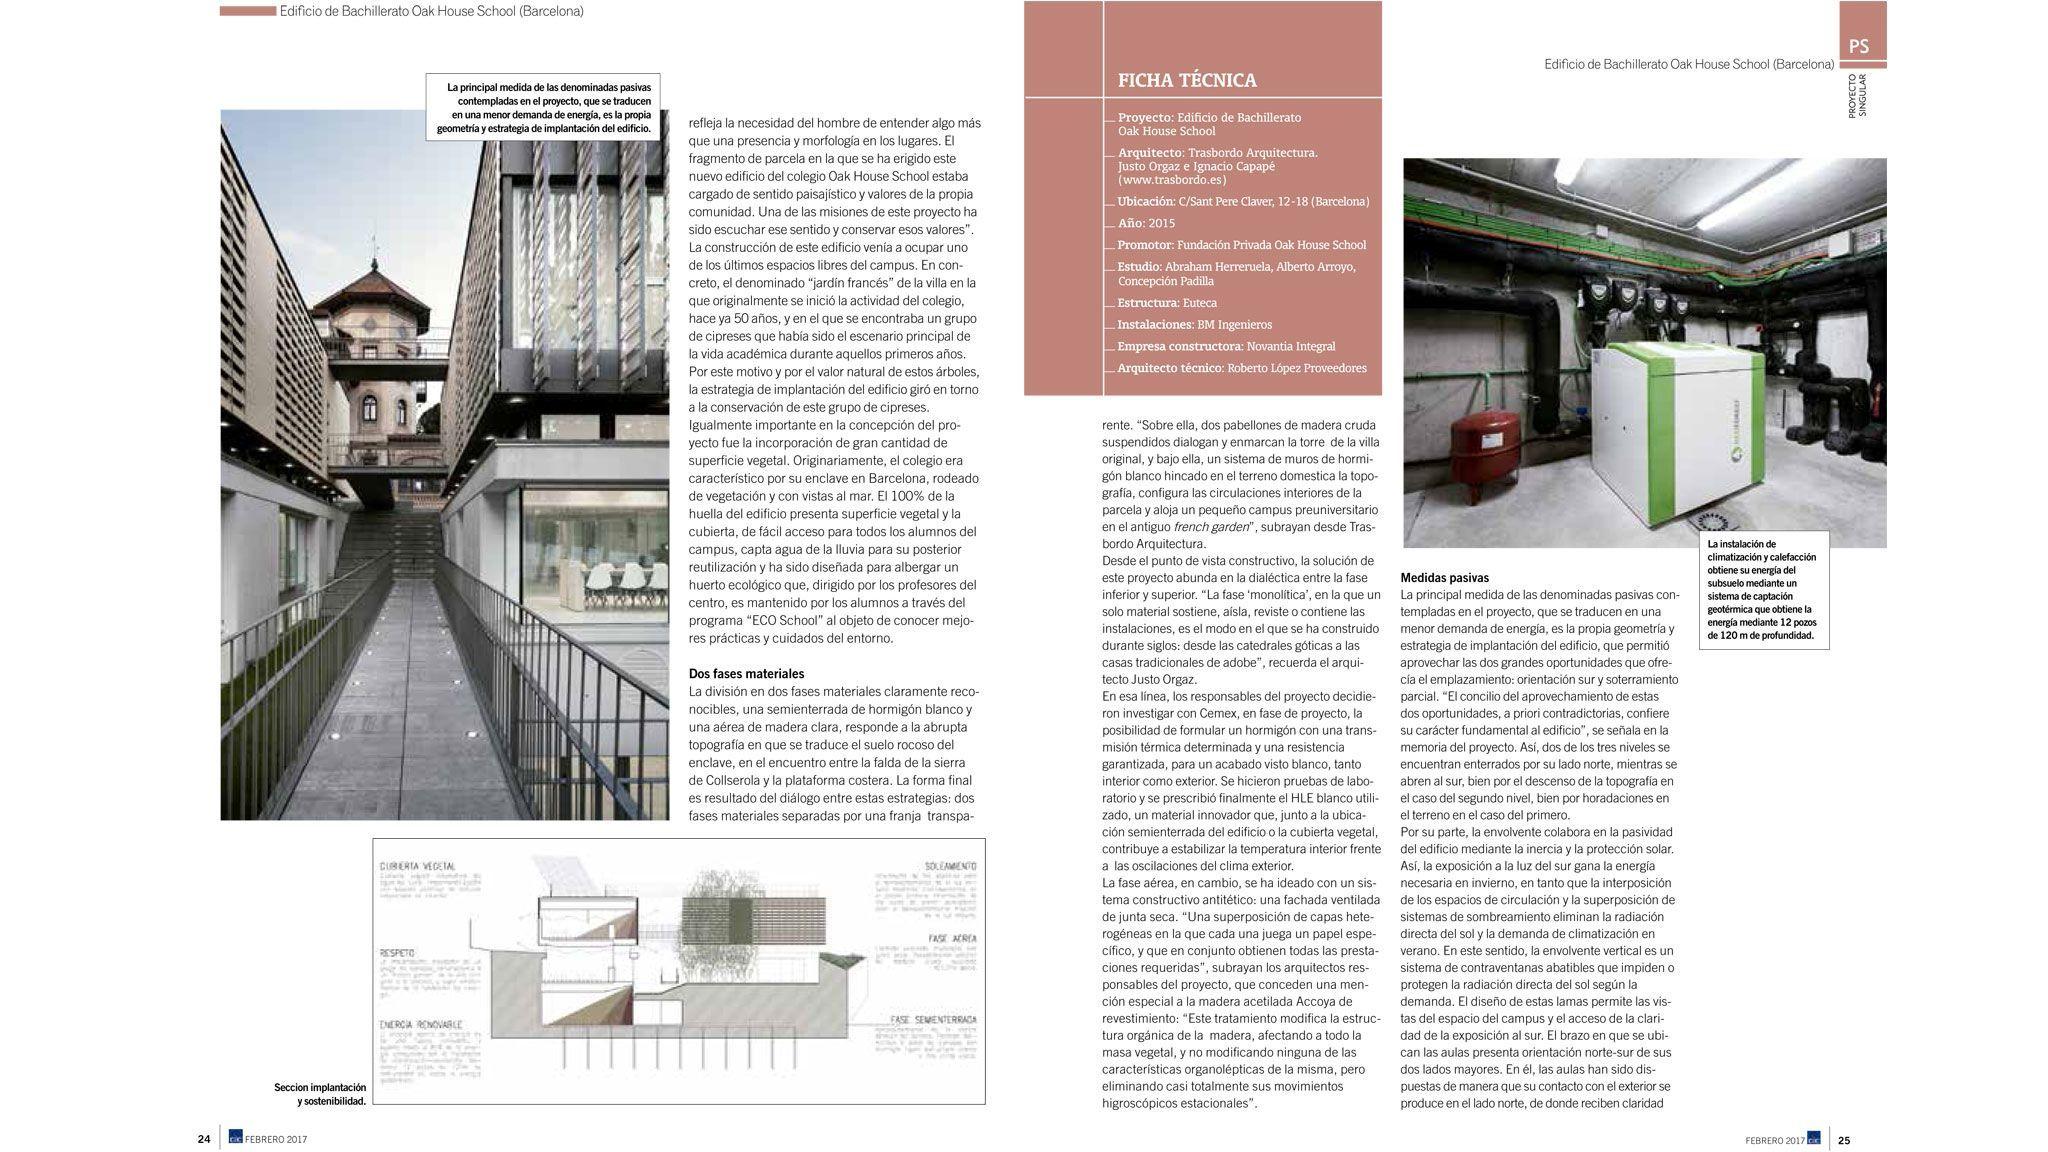 Trasbordo proyecto singular en la revista cic - Proyecto singular ...